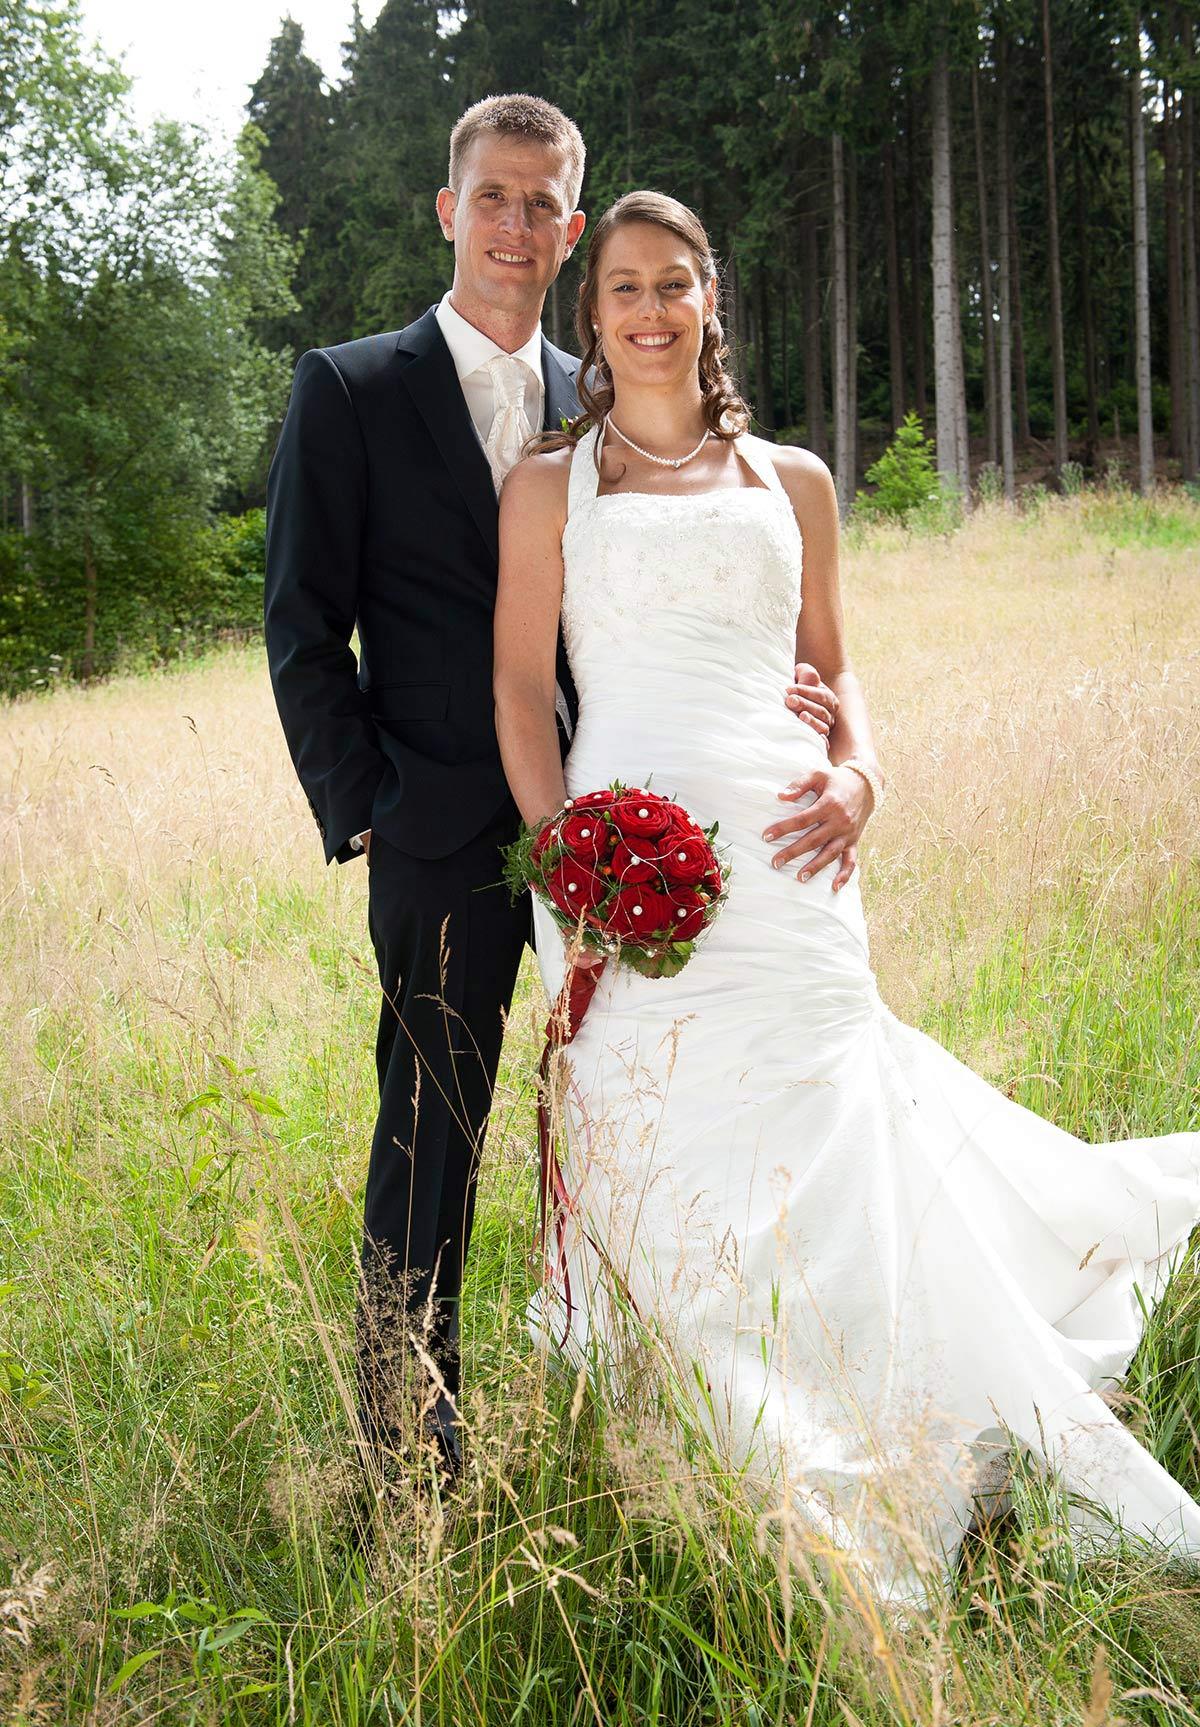 Hochzeitsfotograf Hagen: Portrait Junges Brautpaar auf Feld im Hagener Freilichtmuseum